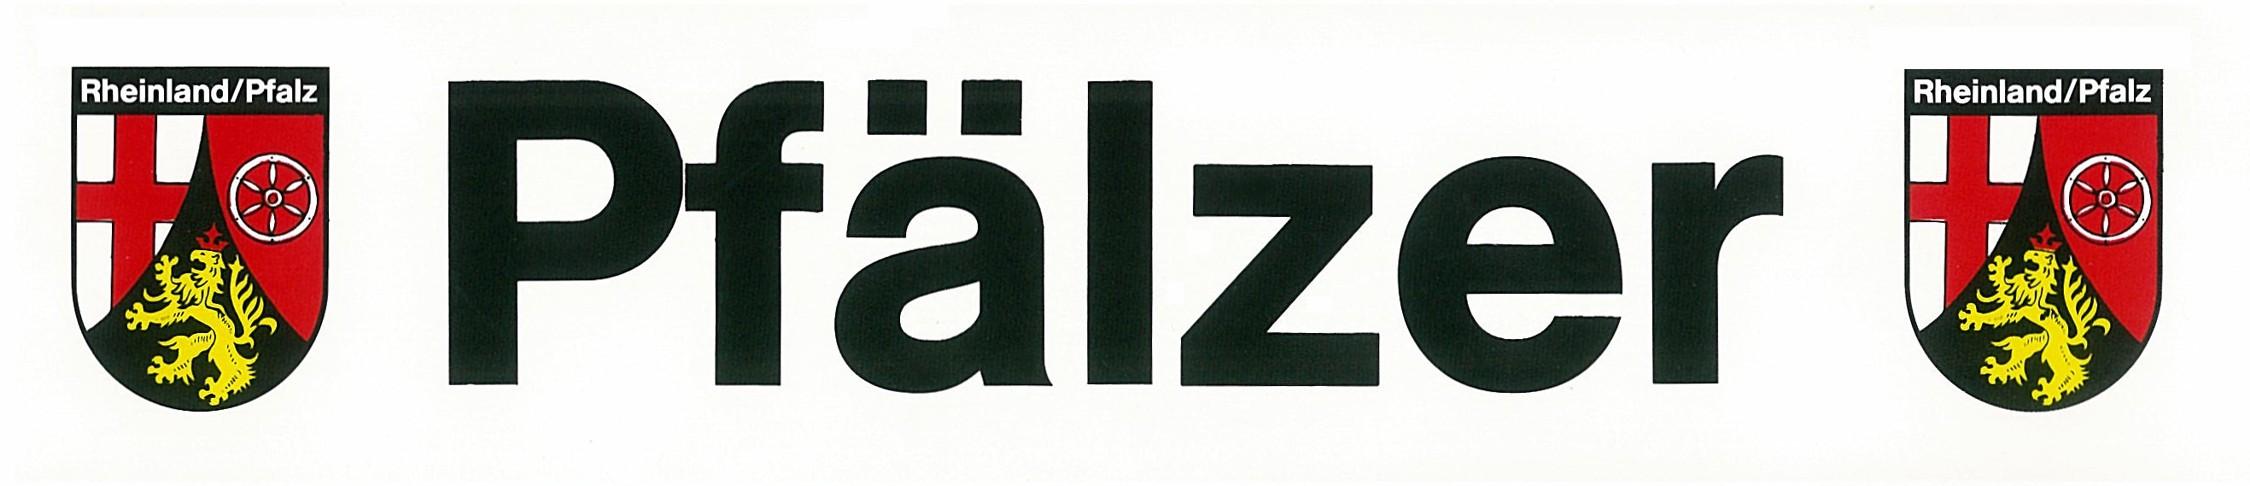 Sticker Pfälzer - writing with crests Rheinland/Pfalz 50 x 230 mm